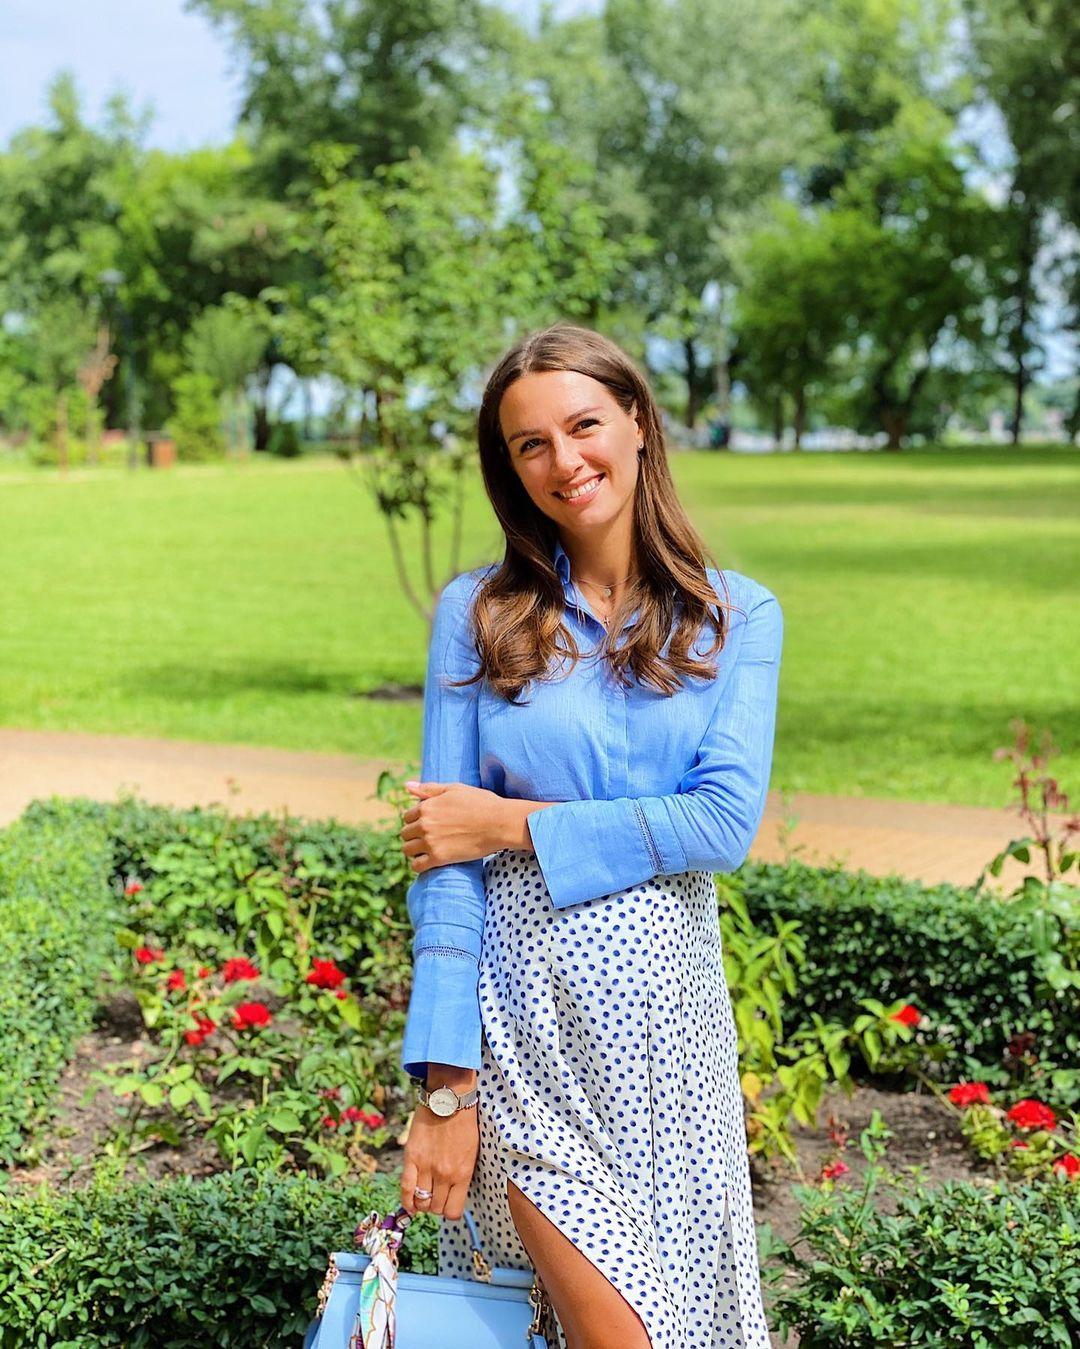 Кристина Решетник показала, как выглядит на последних месяцах беременности